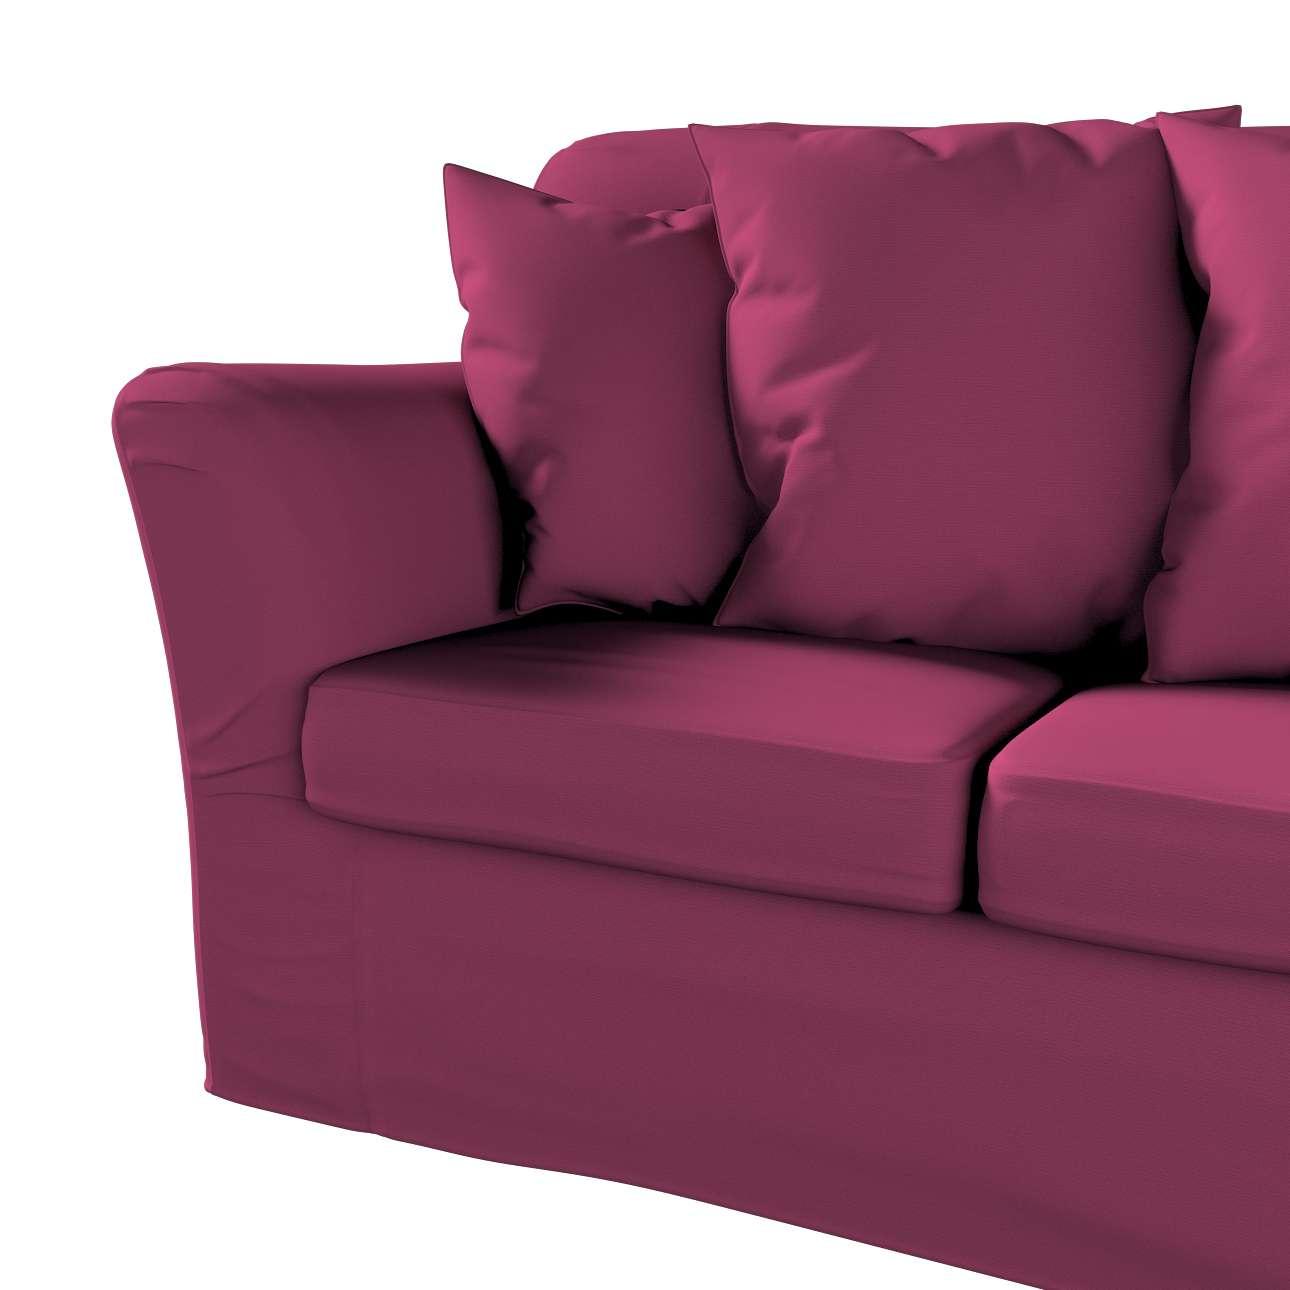 Pokrowiec na sofę Tomelilla 3-osobową nierozkładaną w kolekcji Cotton Panama, tkanina: 702-32